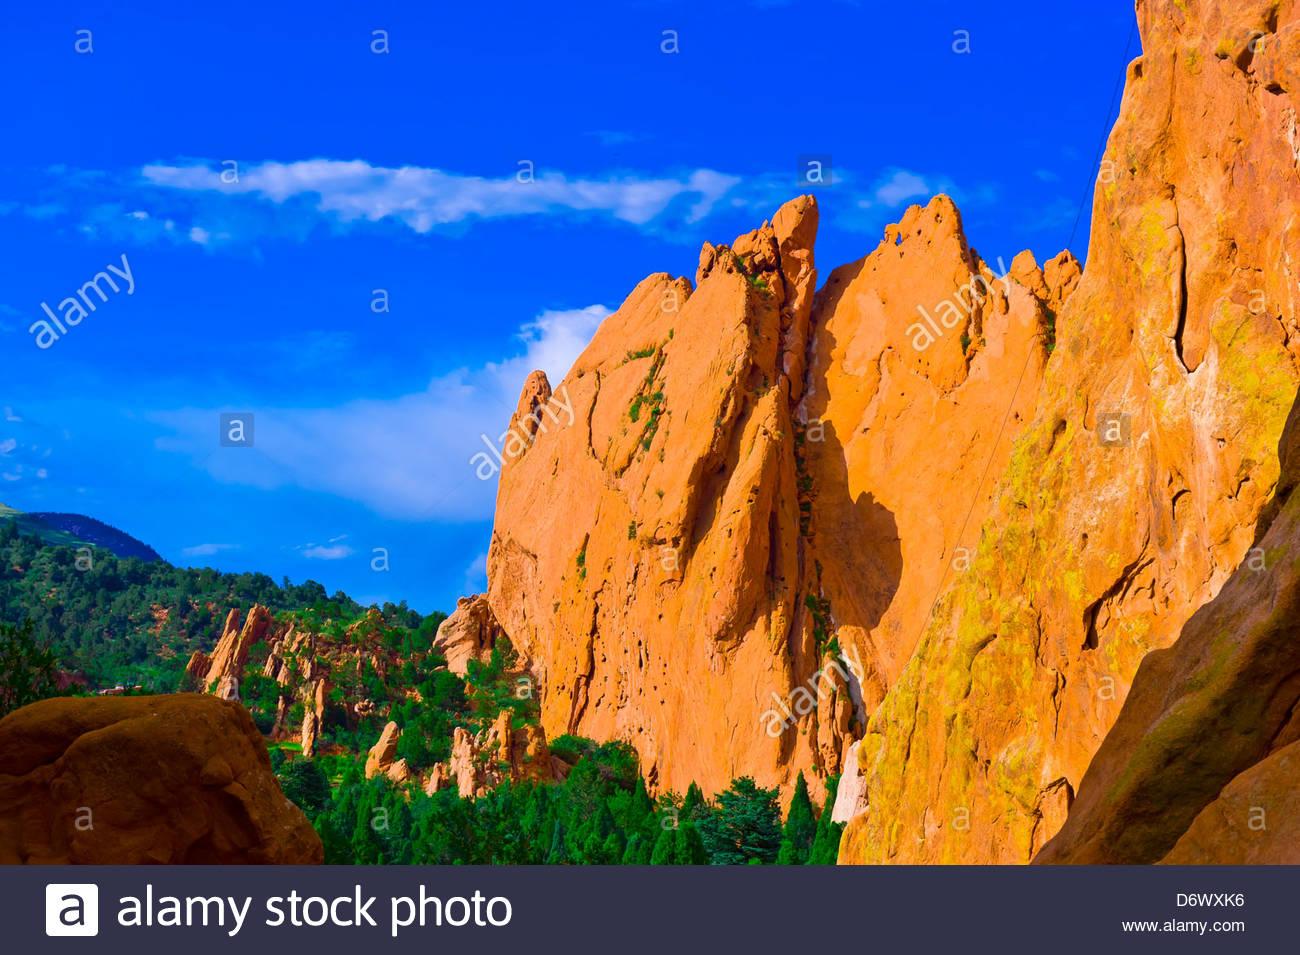 Garden of the Gods, Colorado Springs, Colorado USA - Stock Image